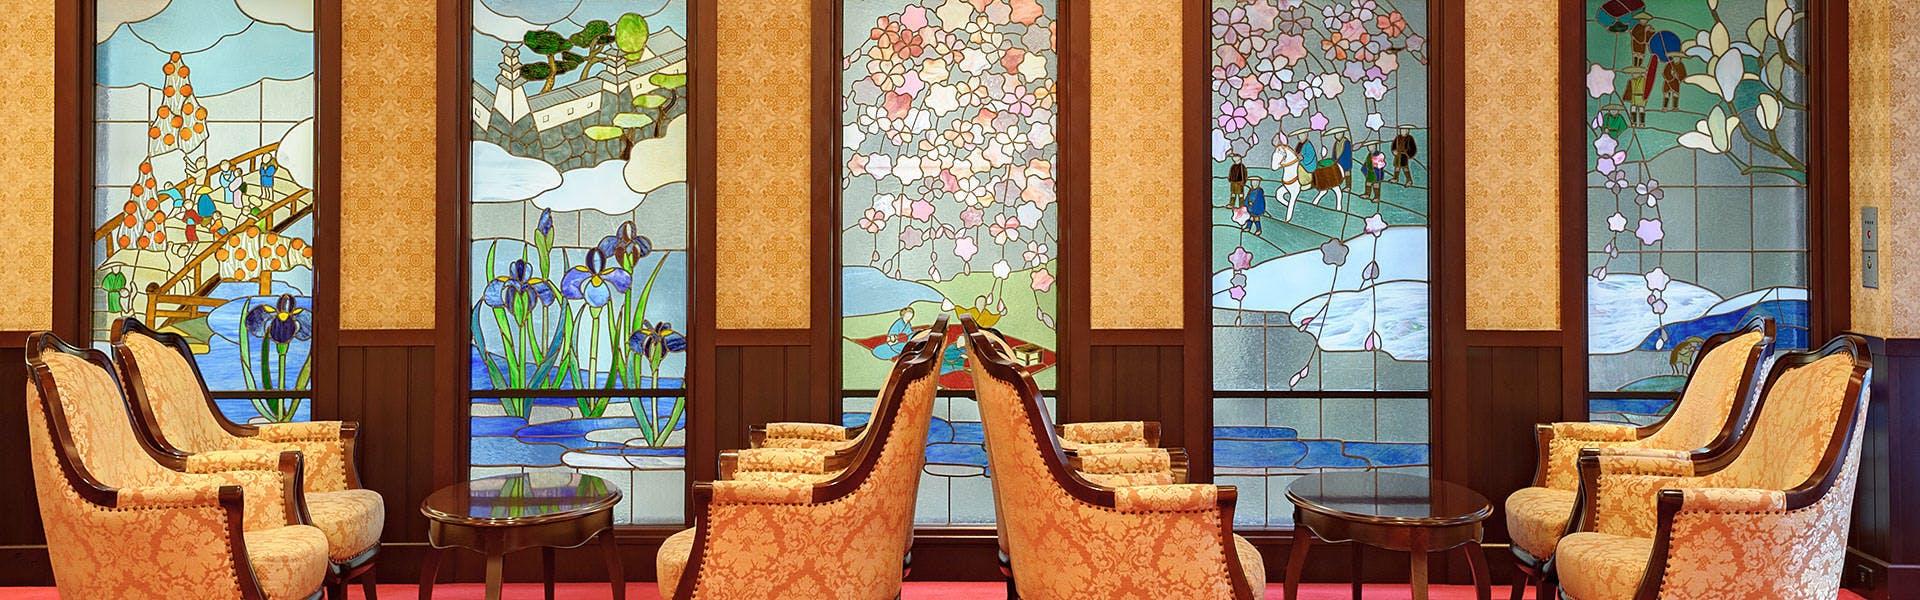 記念日におすすめのホテル・【金沢白鳥路 ホテル山楽】の写真1